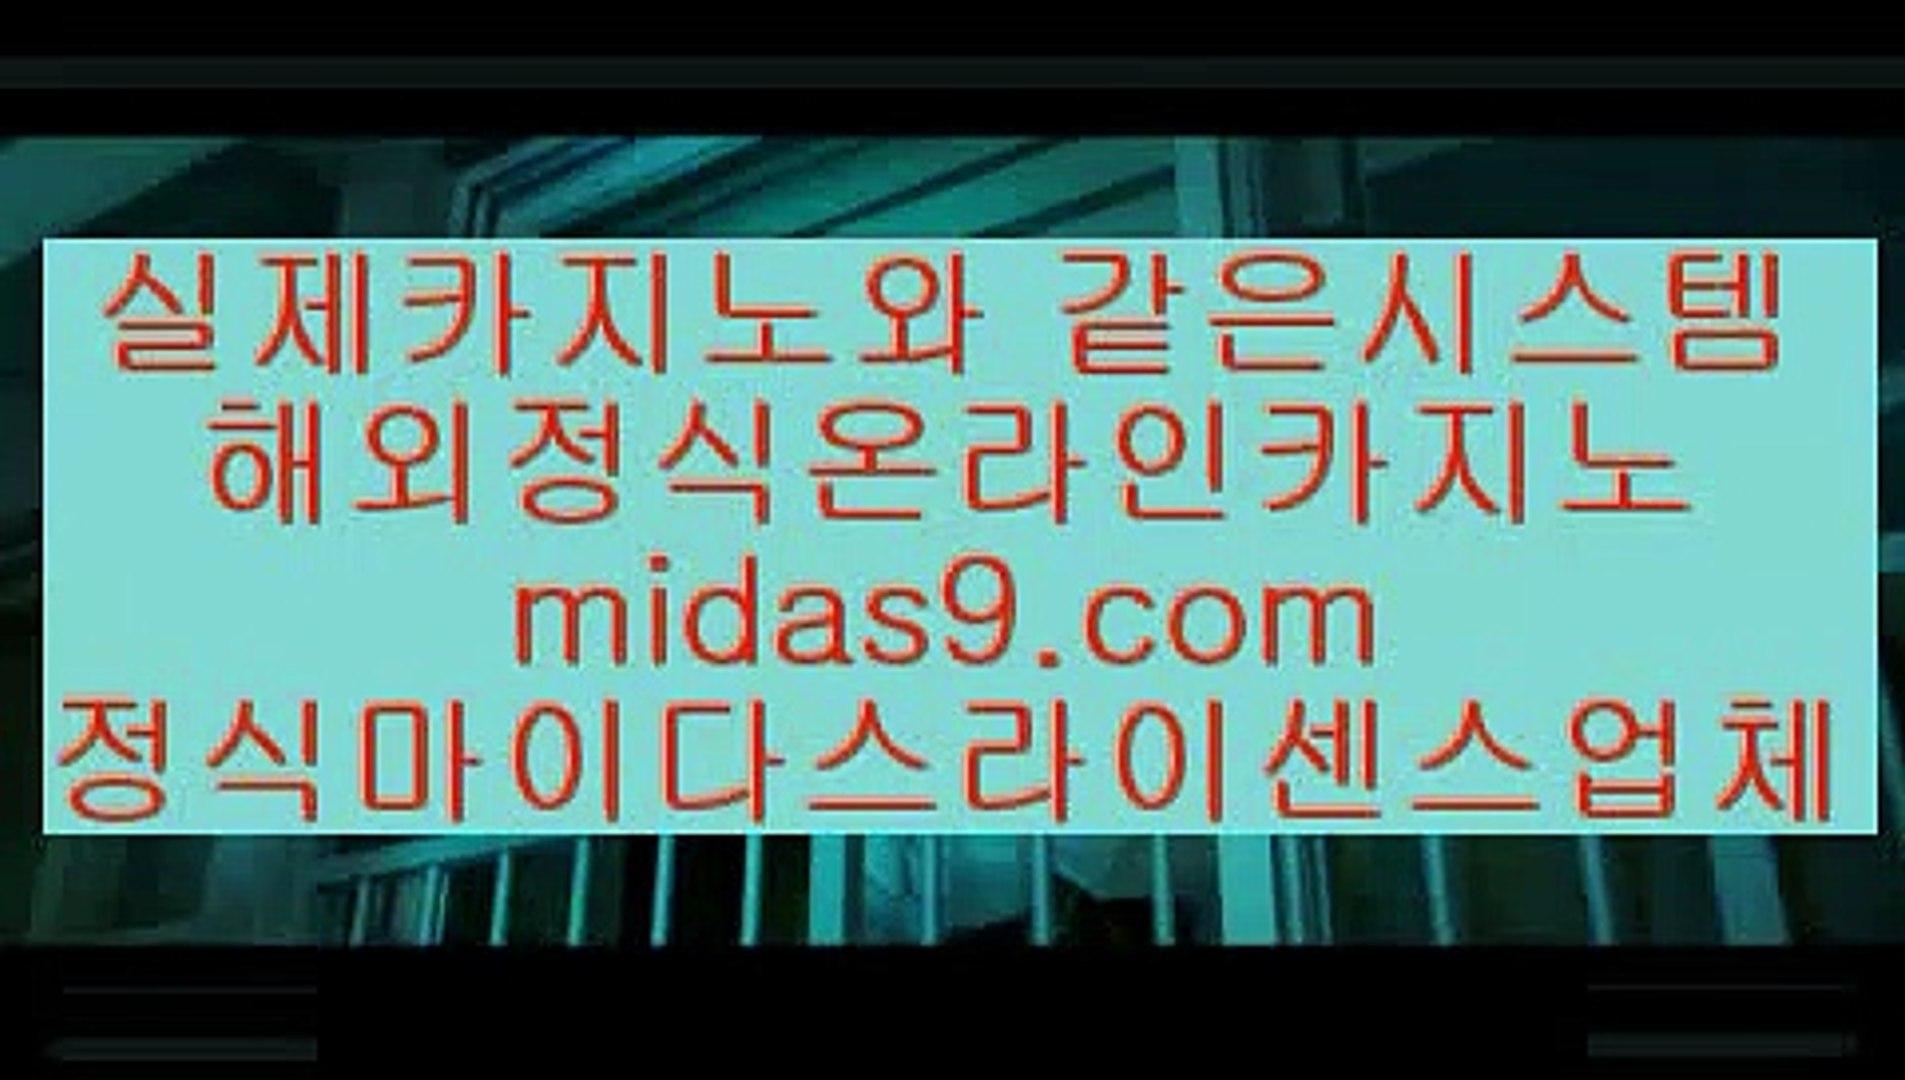 midas9.com,pb-2020.com,#실시간카지노,#먹튀보증, #바카라 ,#라이브베팅,#라이브바카라,#배정남,,#리버풀 맨시티 8월,,pb-222.com,,,midas9.co